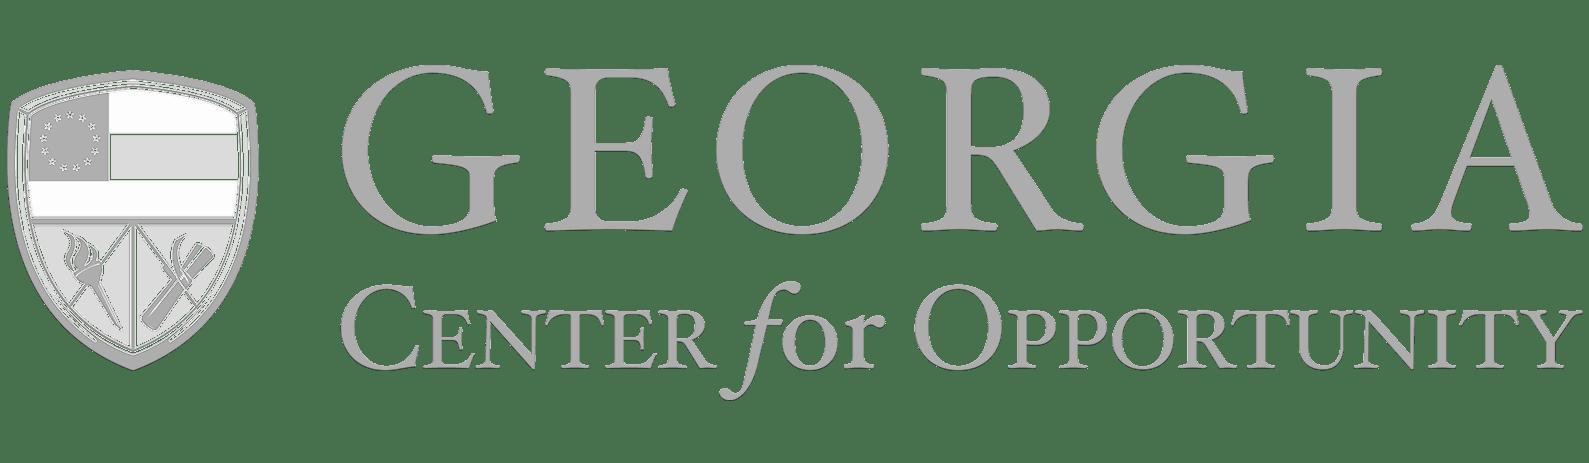 Georgia Center for Opportunity logo